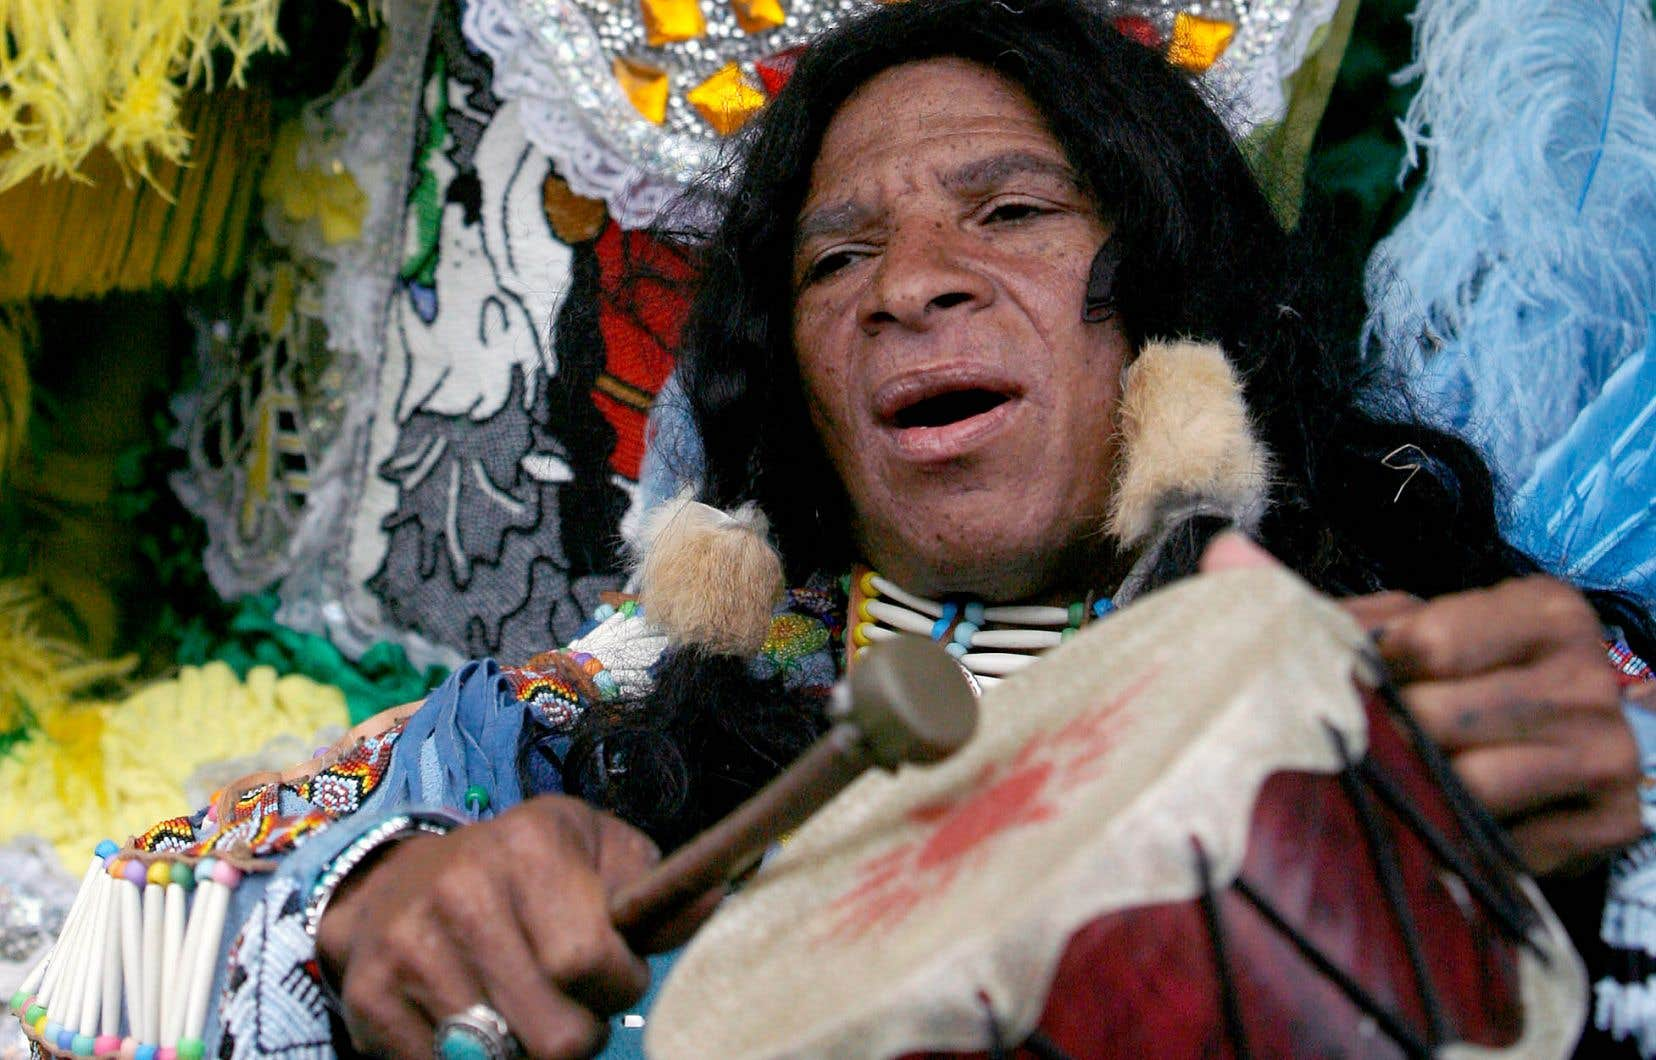 La Nouvelle-Orléans a donné naissance à une culture fortement métissée. Des membres du Creol Wild West Mardi Gras Indians ont donné une prestation au festival Jazz Heritage de La Nouvelle-Orléans en 2008.